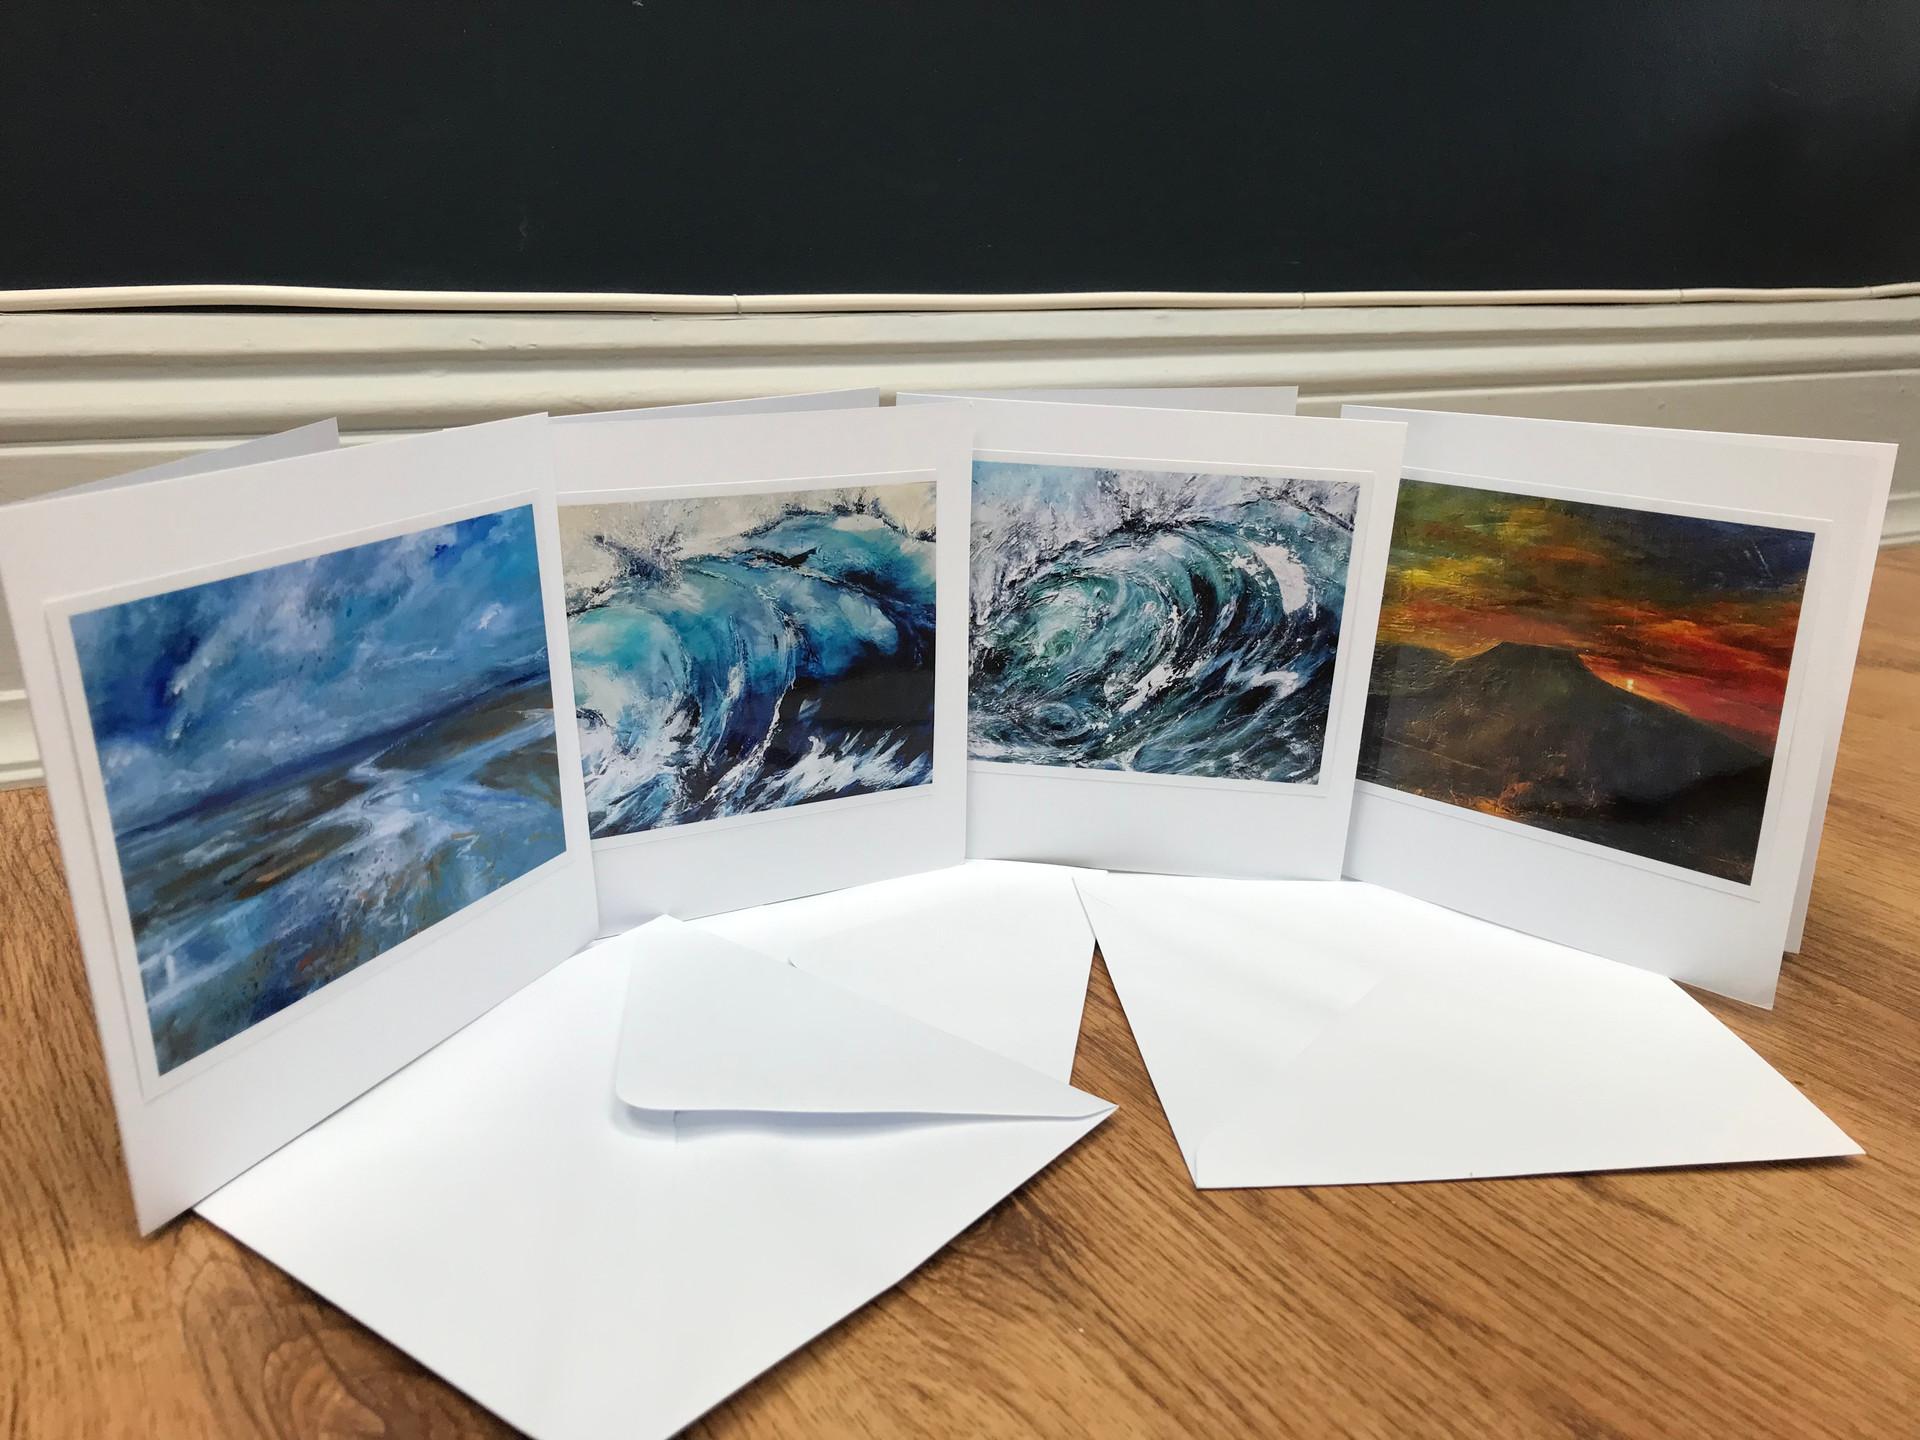 Card Prints (set 1)